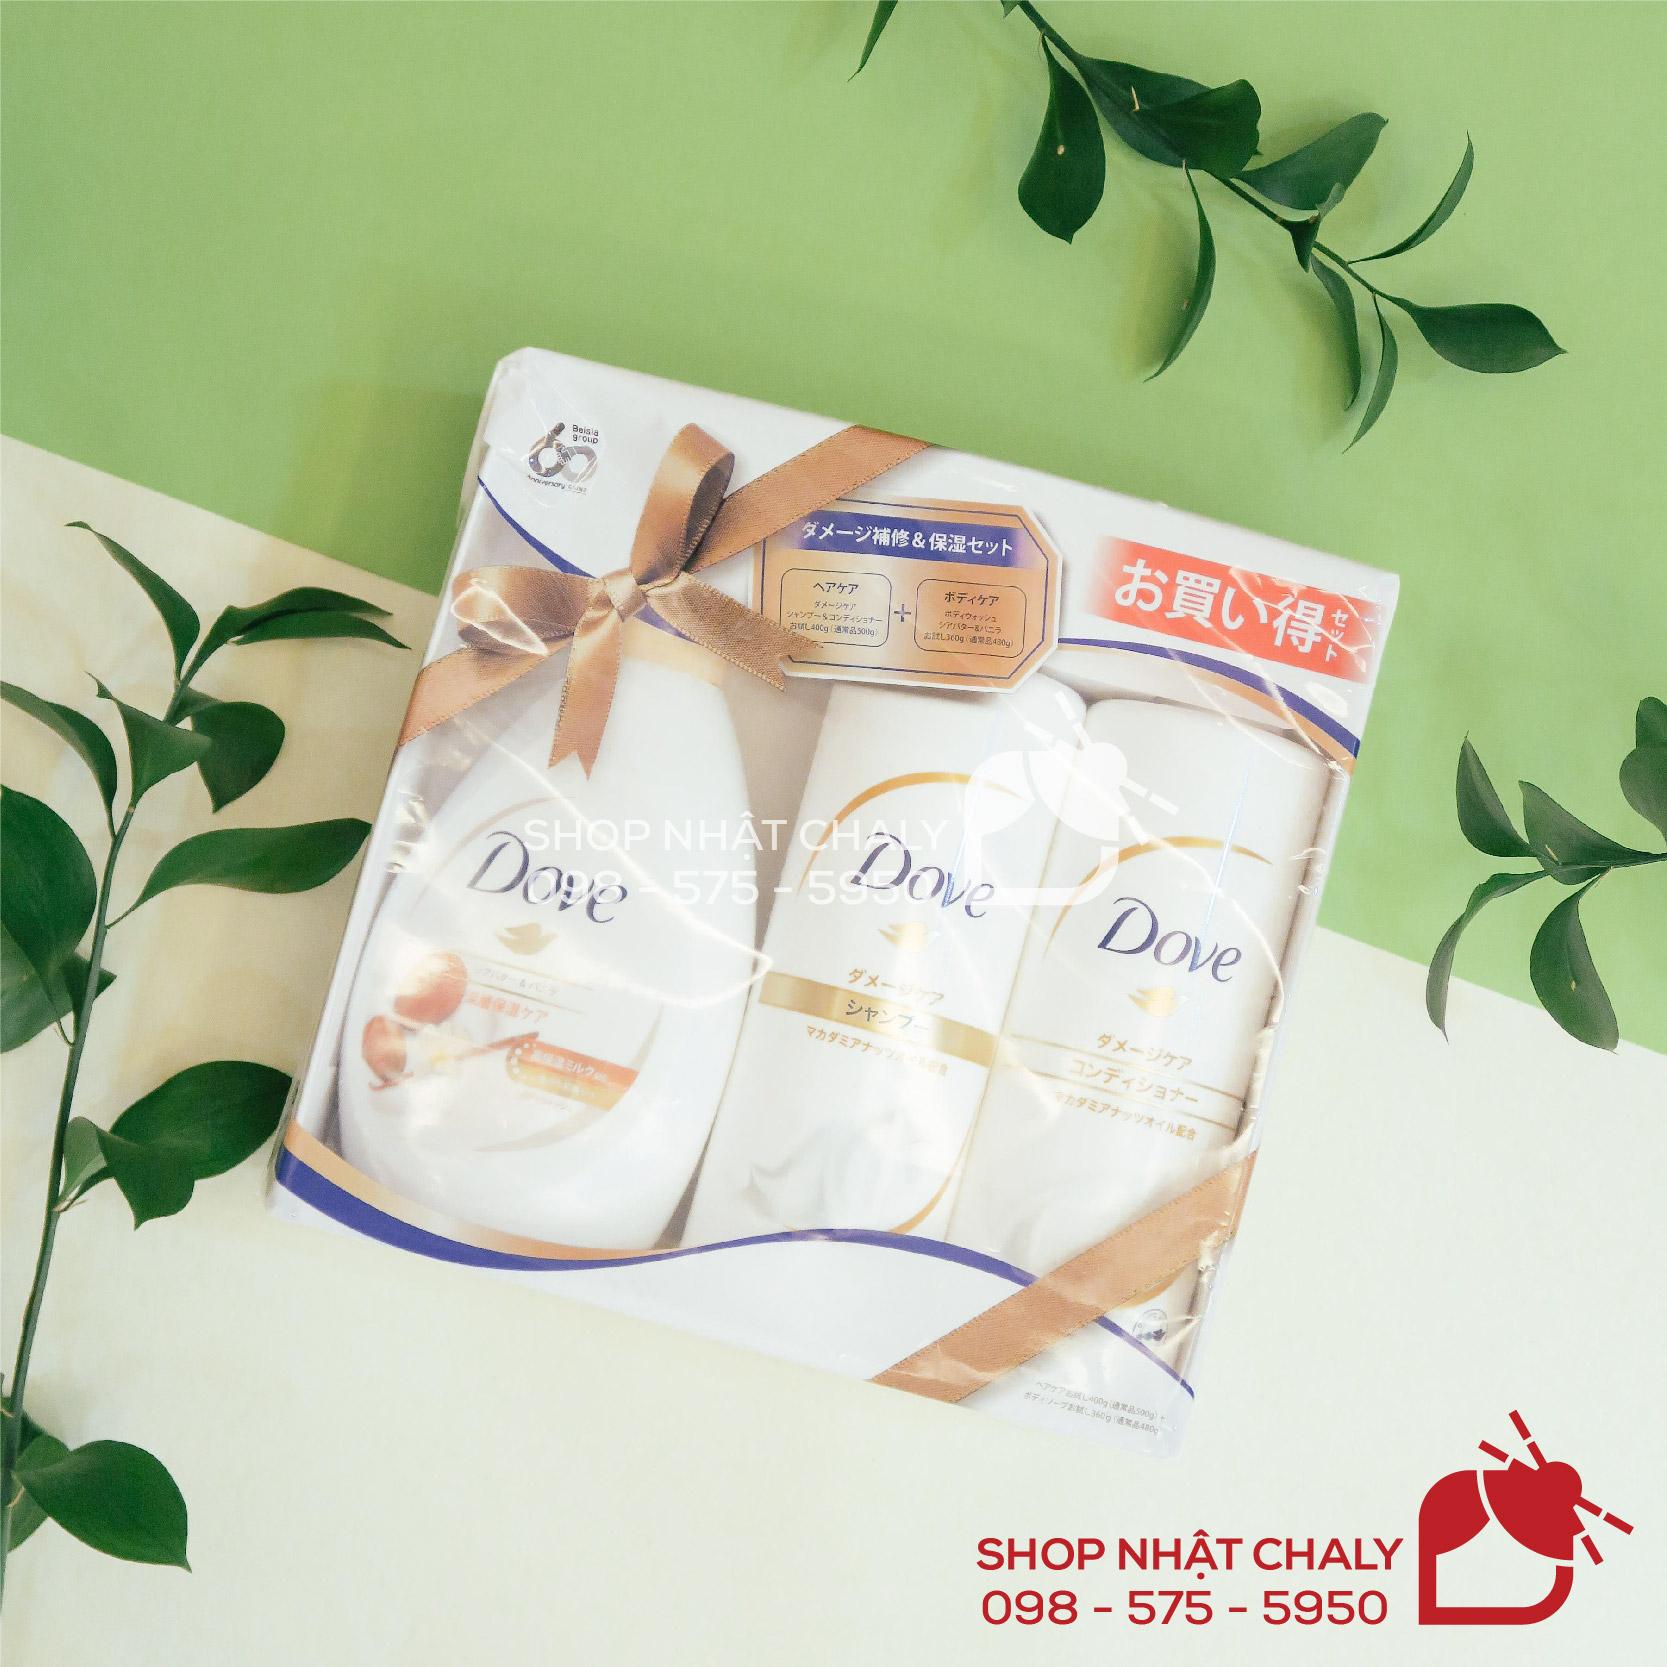 Bộ dầu gội xả tắm Dove Made in Japan với giá thành bình dân, bao bì đẹp, chất lượng tốt thường được lựa chọn để làm quà tặng trong những dịp đặc biệt